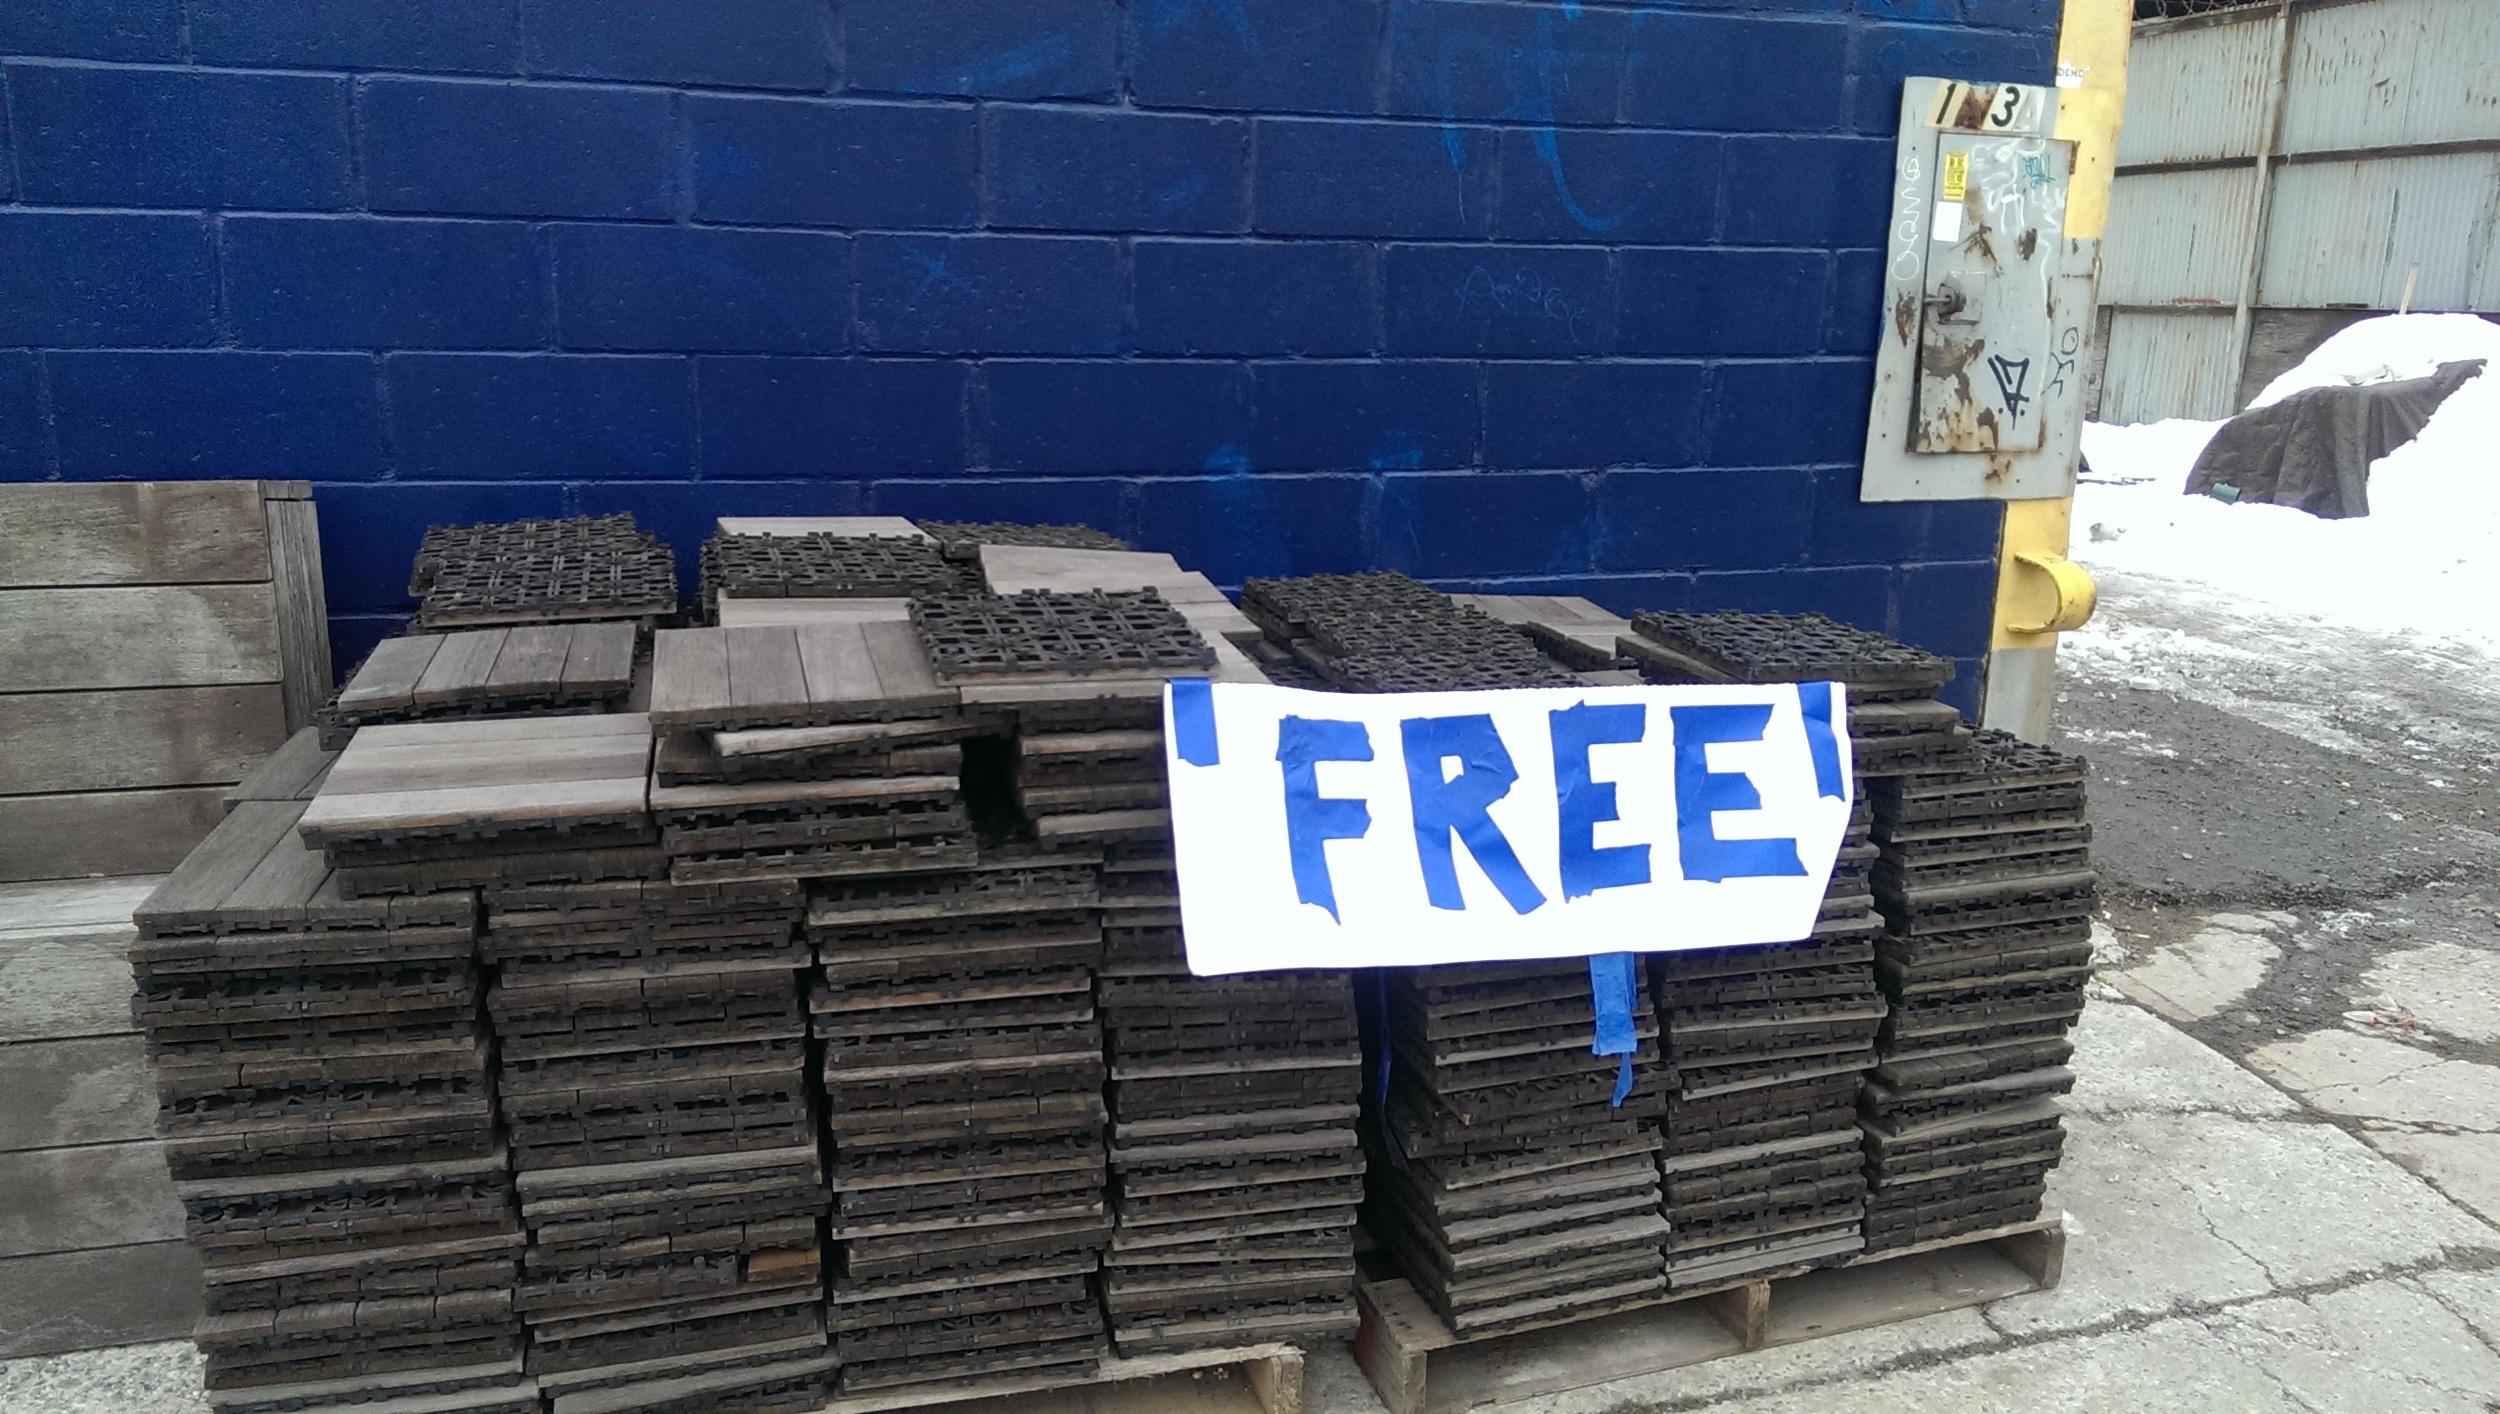 Free floor tiles